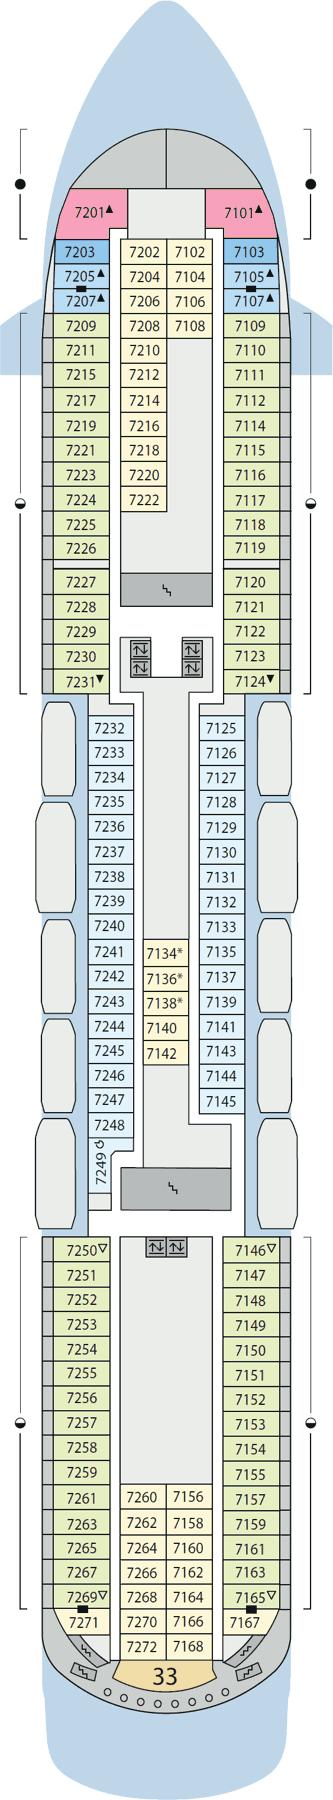 AIDAaura - Deck 7